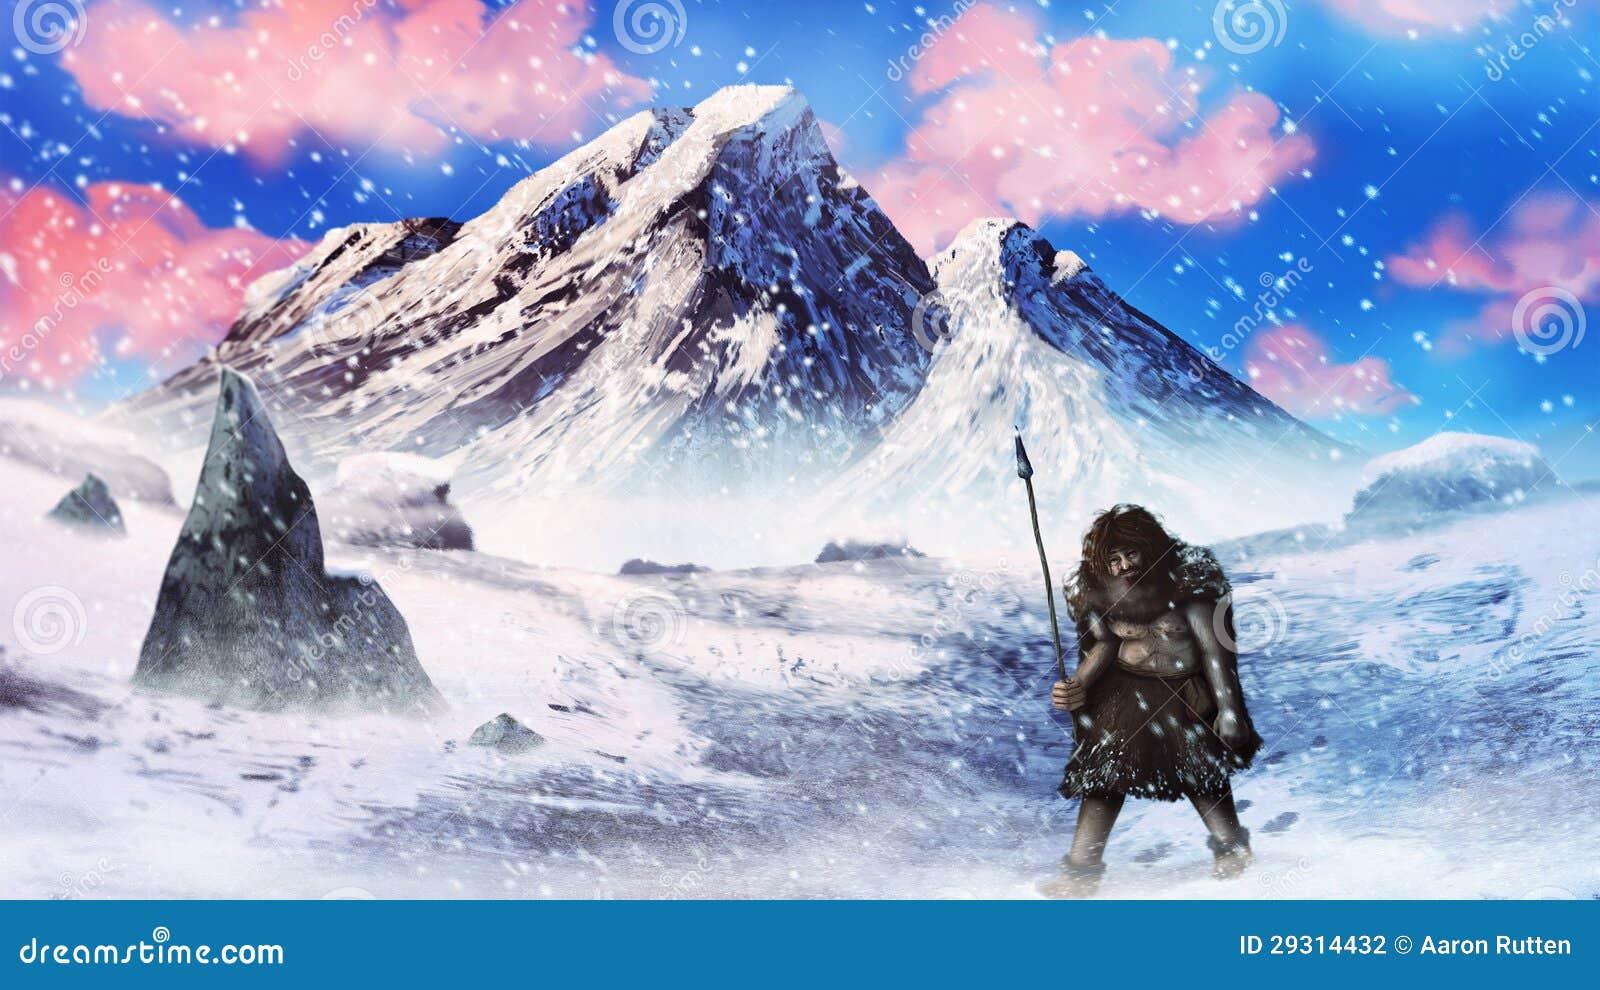 Ijstijd Neanderthaler jager in een sneeuwonweer - het digitale schilderen